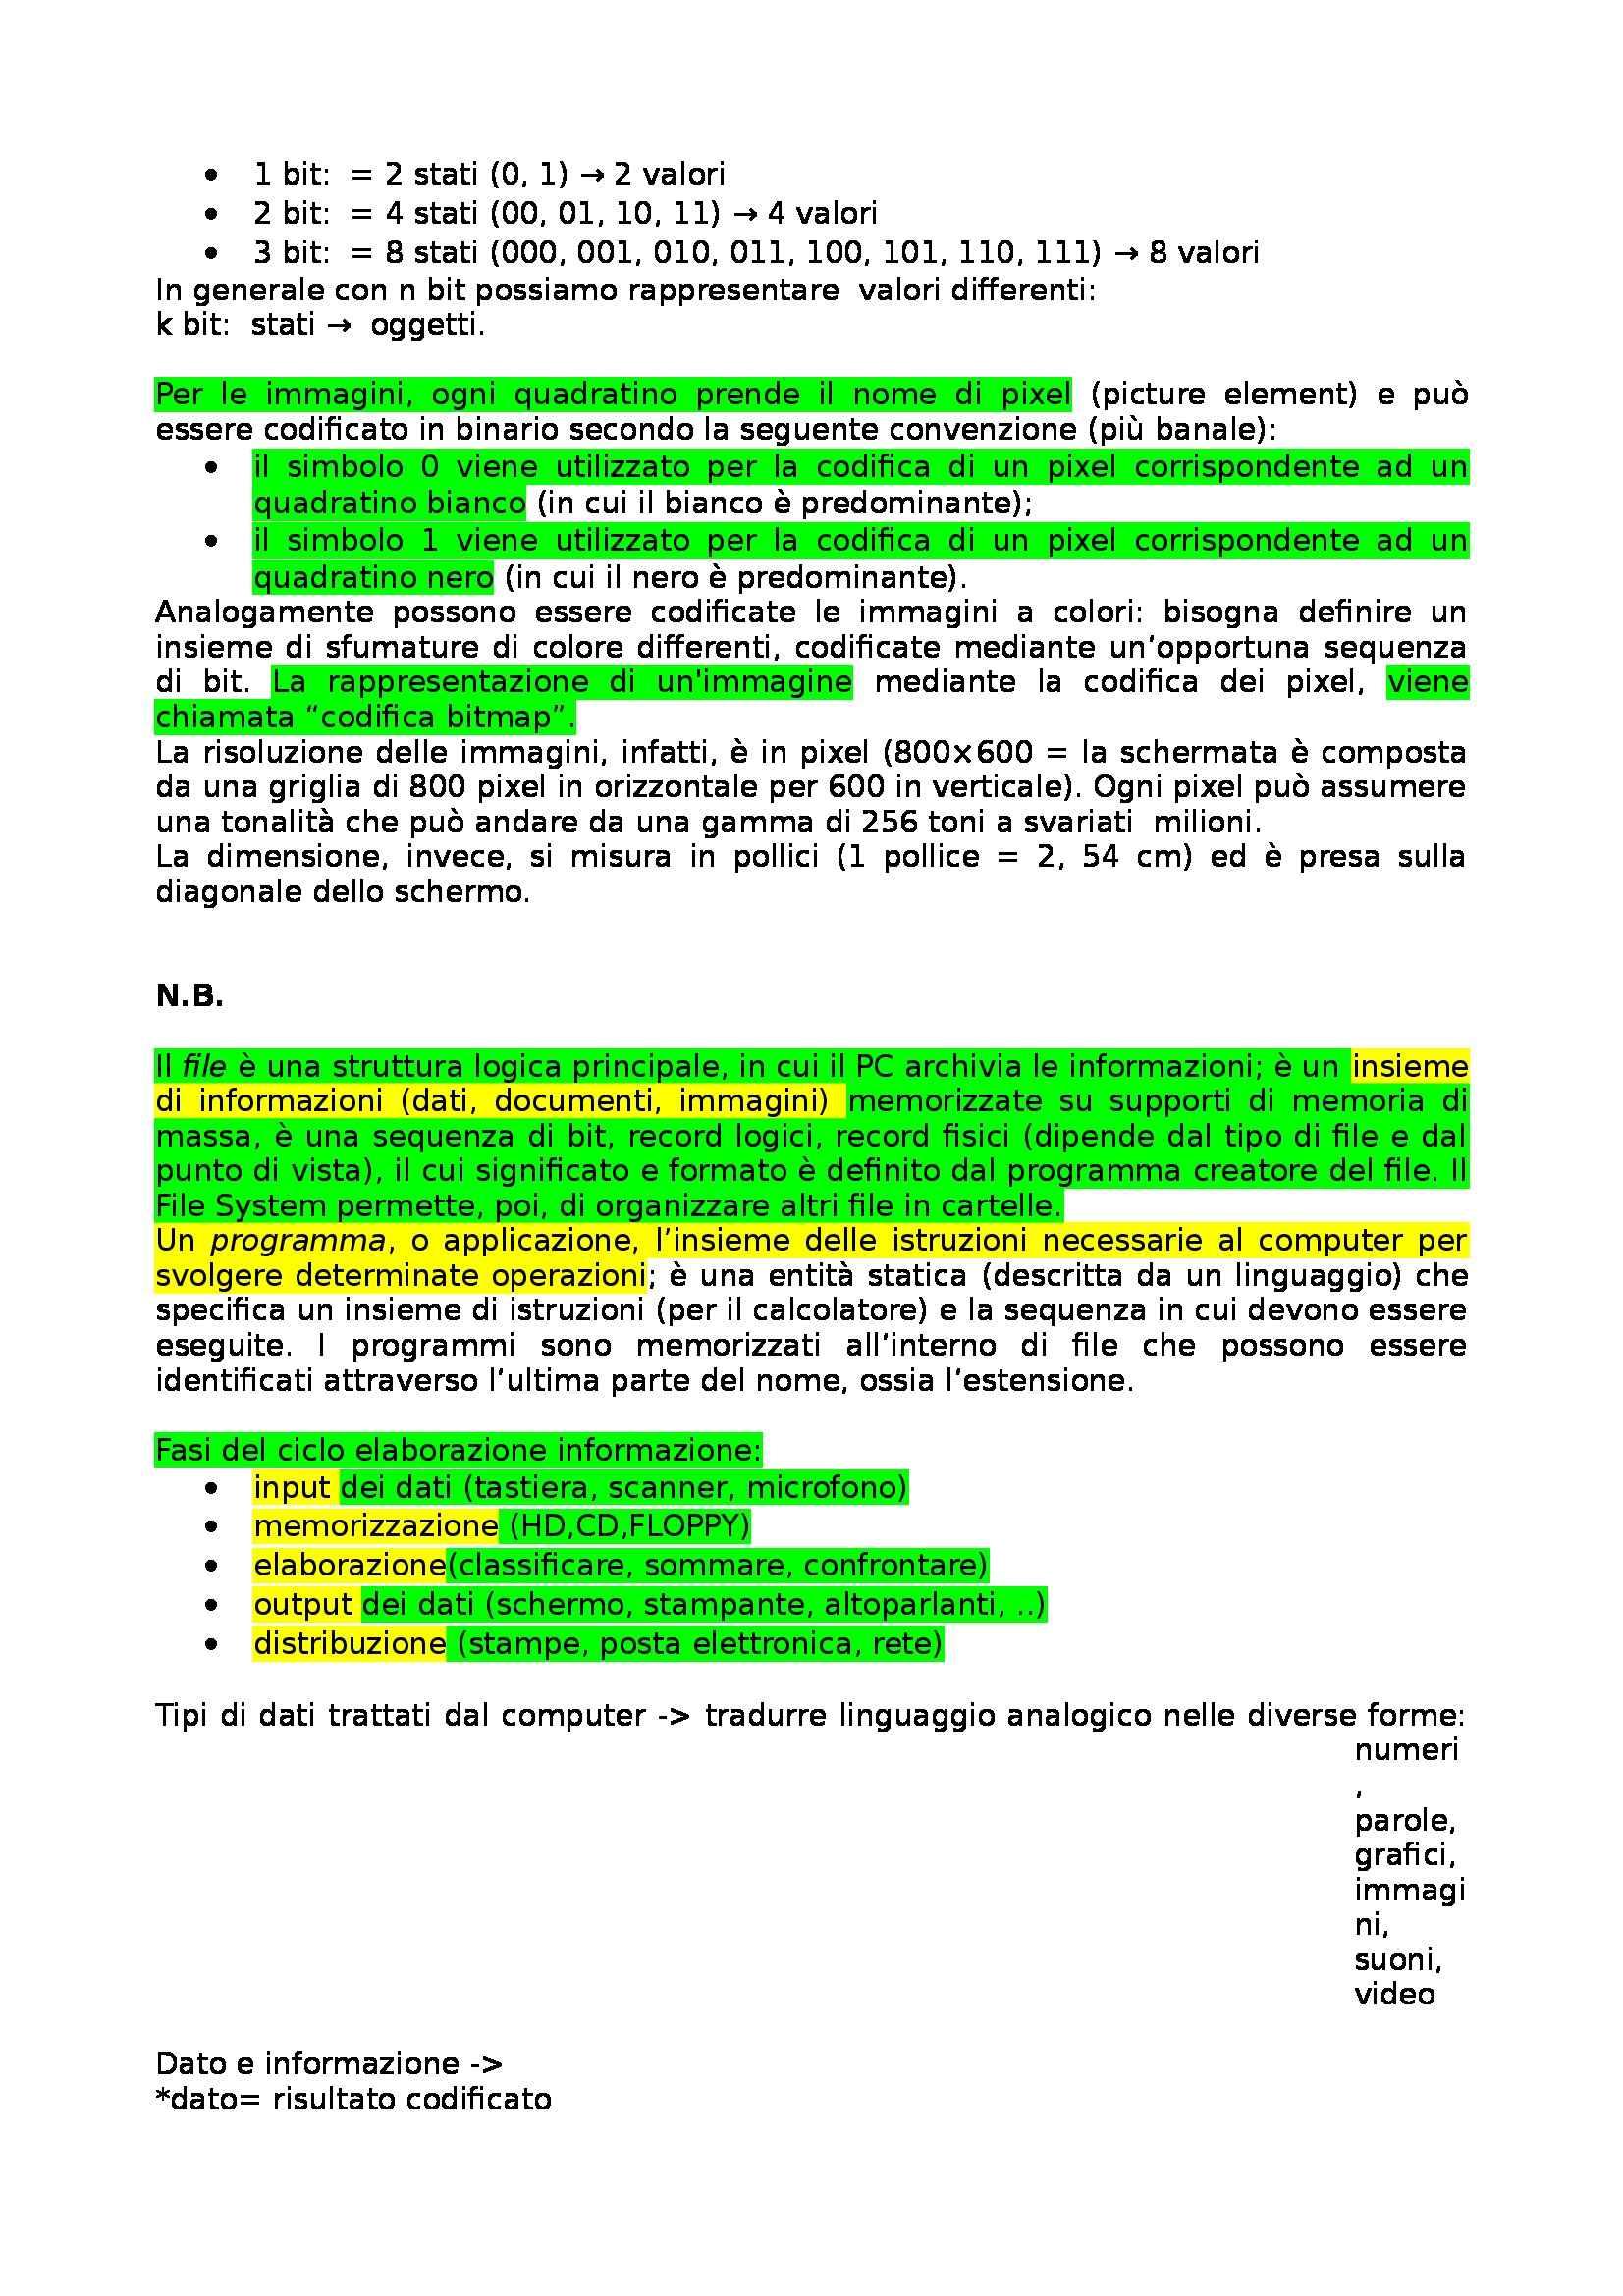 Informatica di base - Appunti Pag. 2